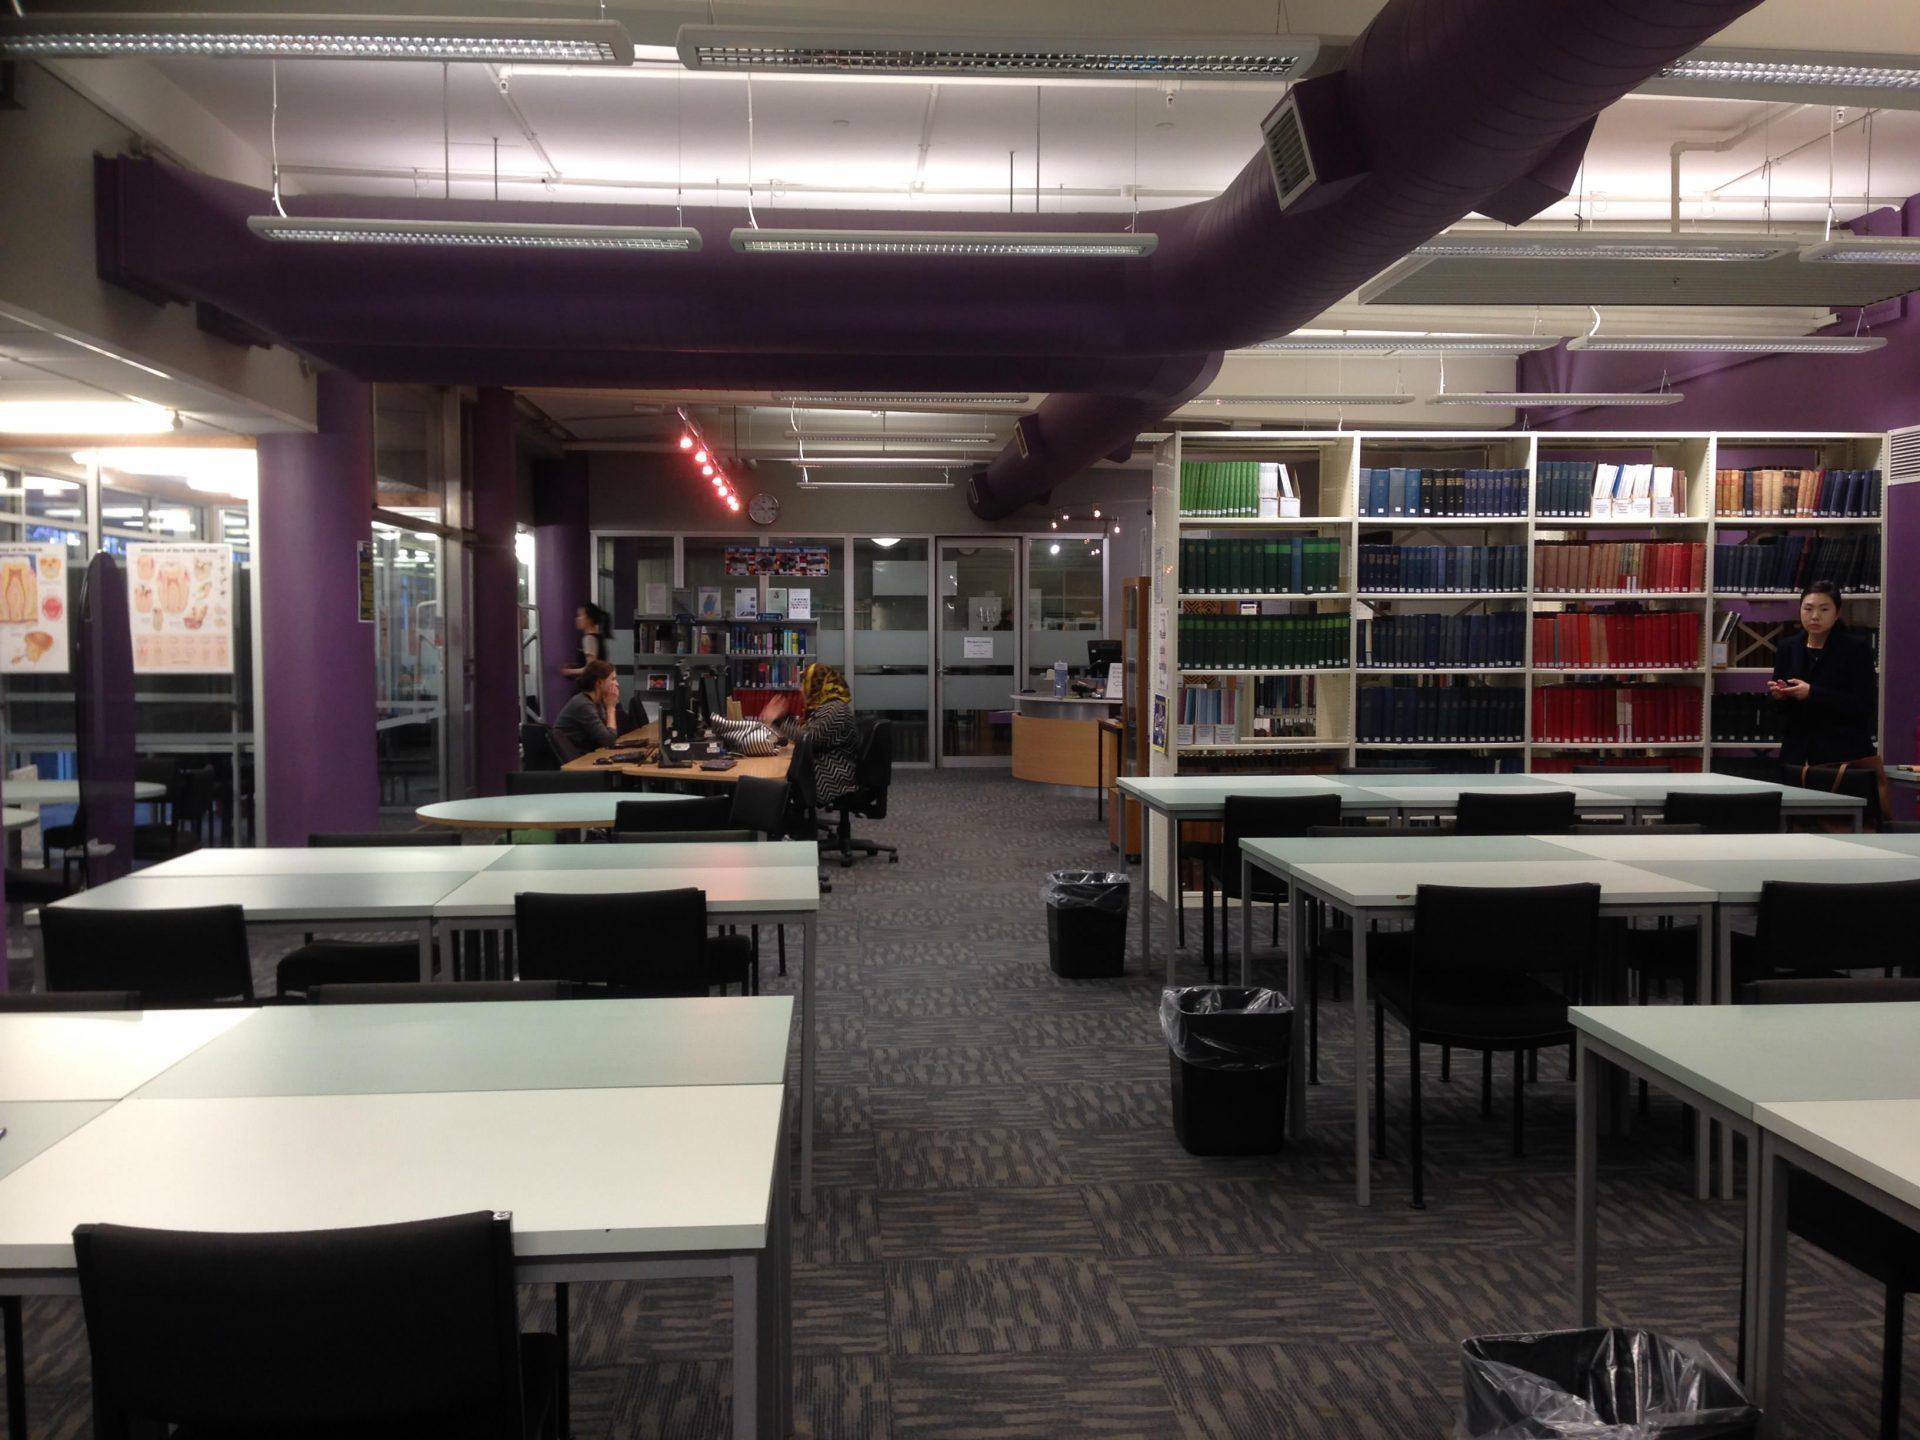 life-dunedin-newzealand-library-thebroadlife-travel